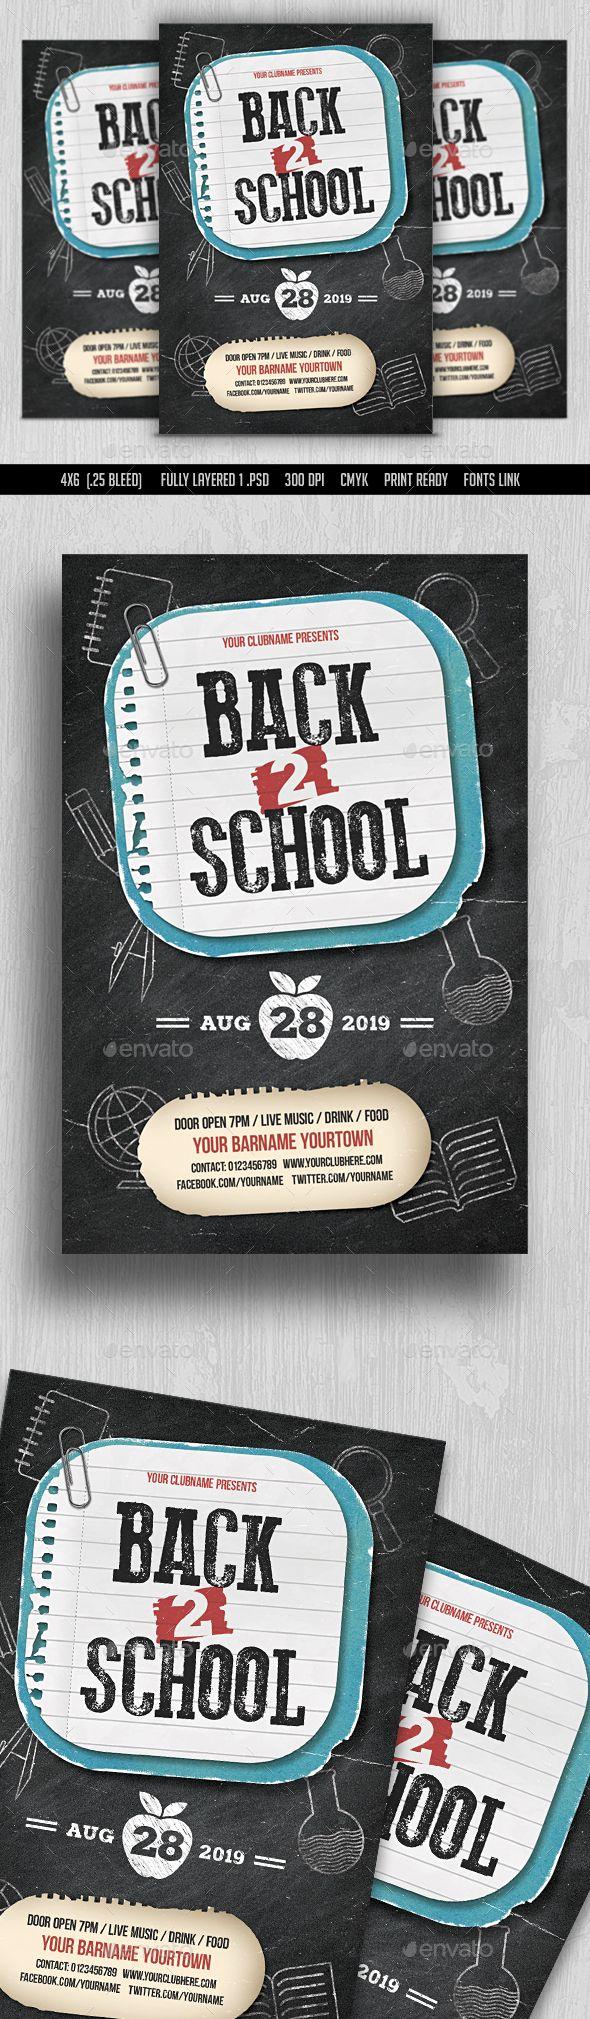 Back to School Flyer | Decoraciones escolares, Anuarios y Folletos